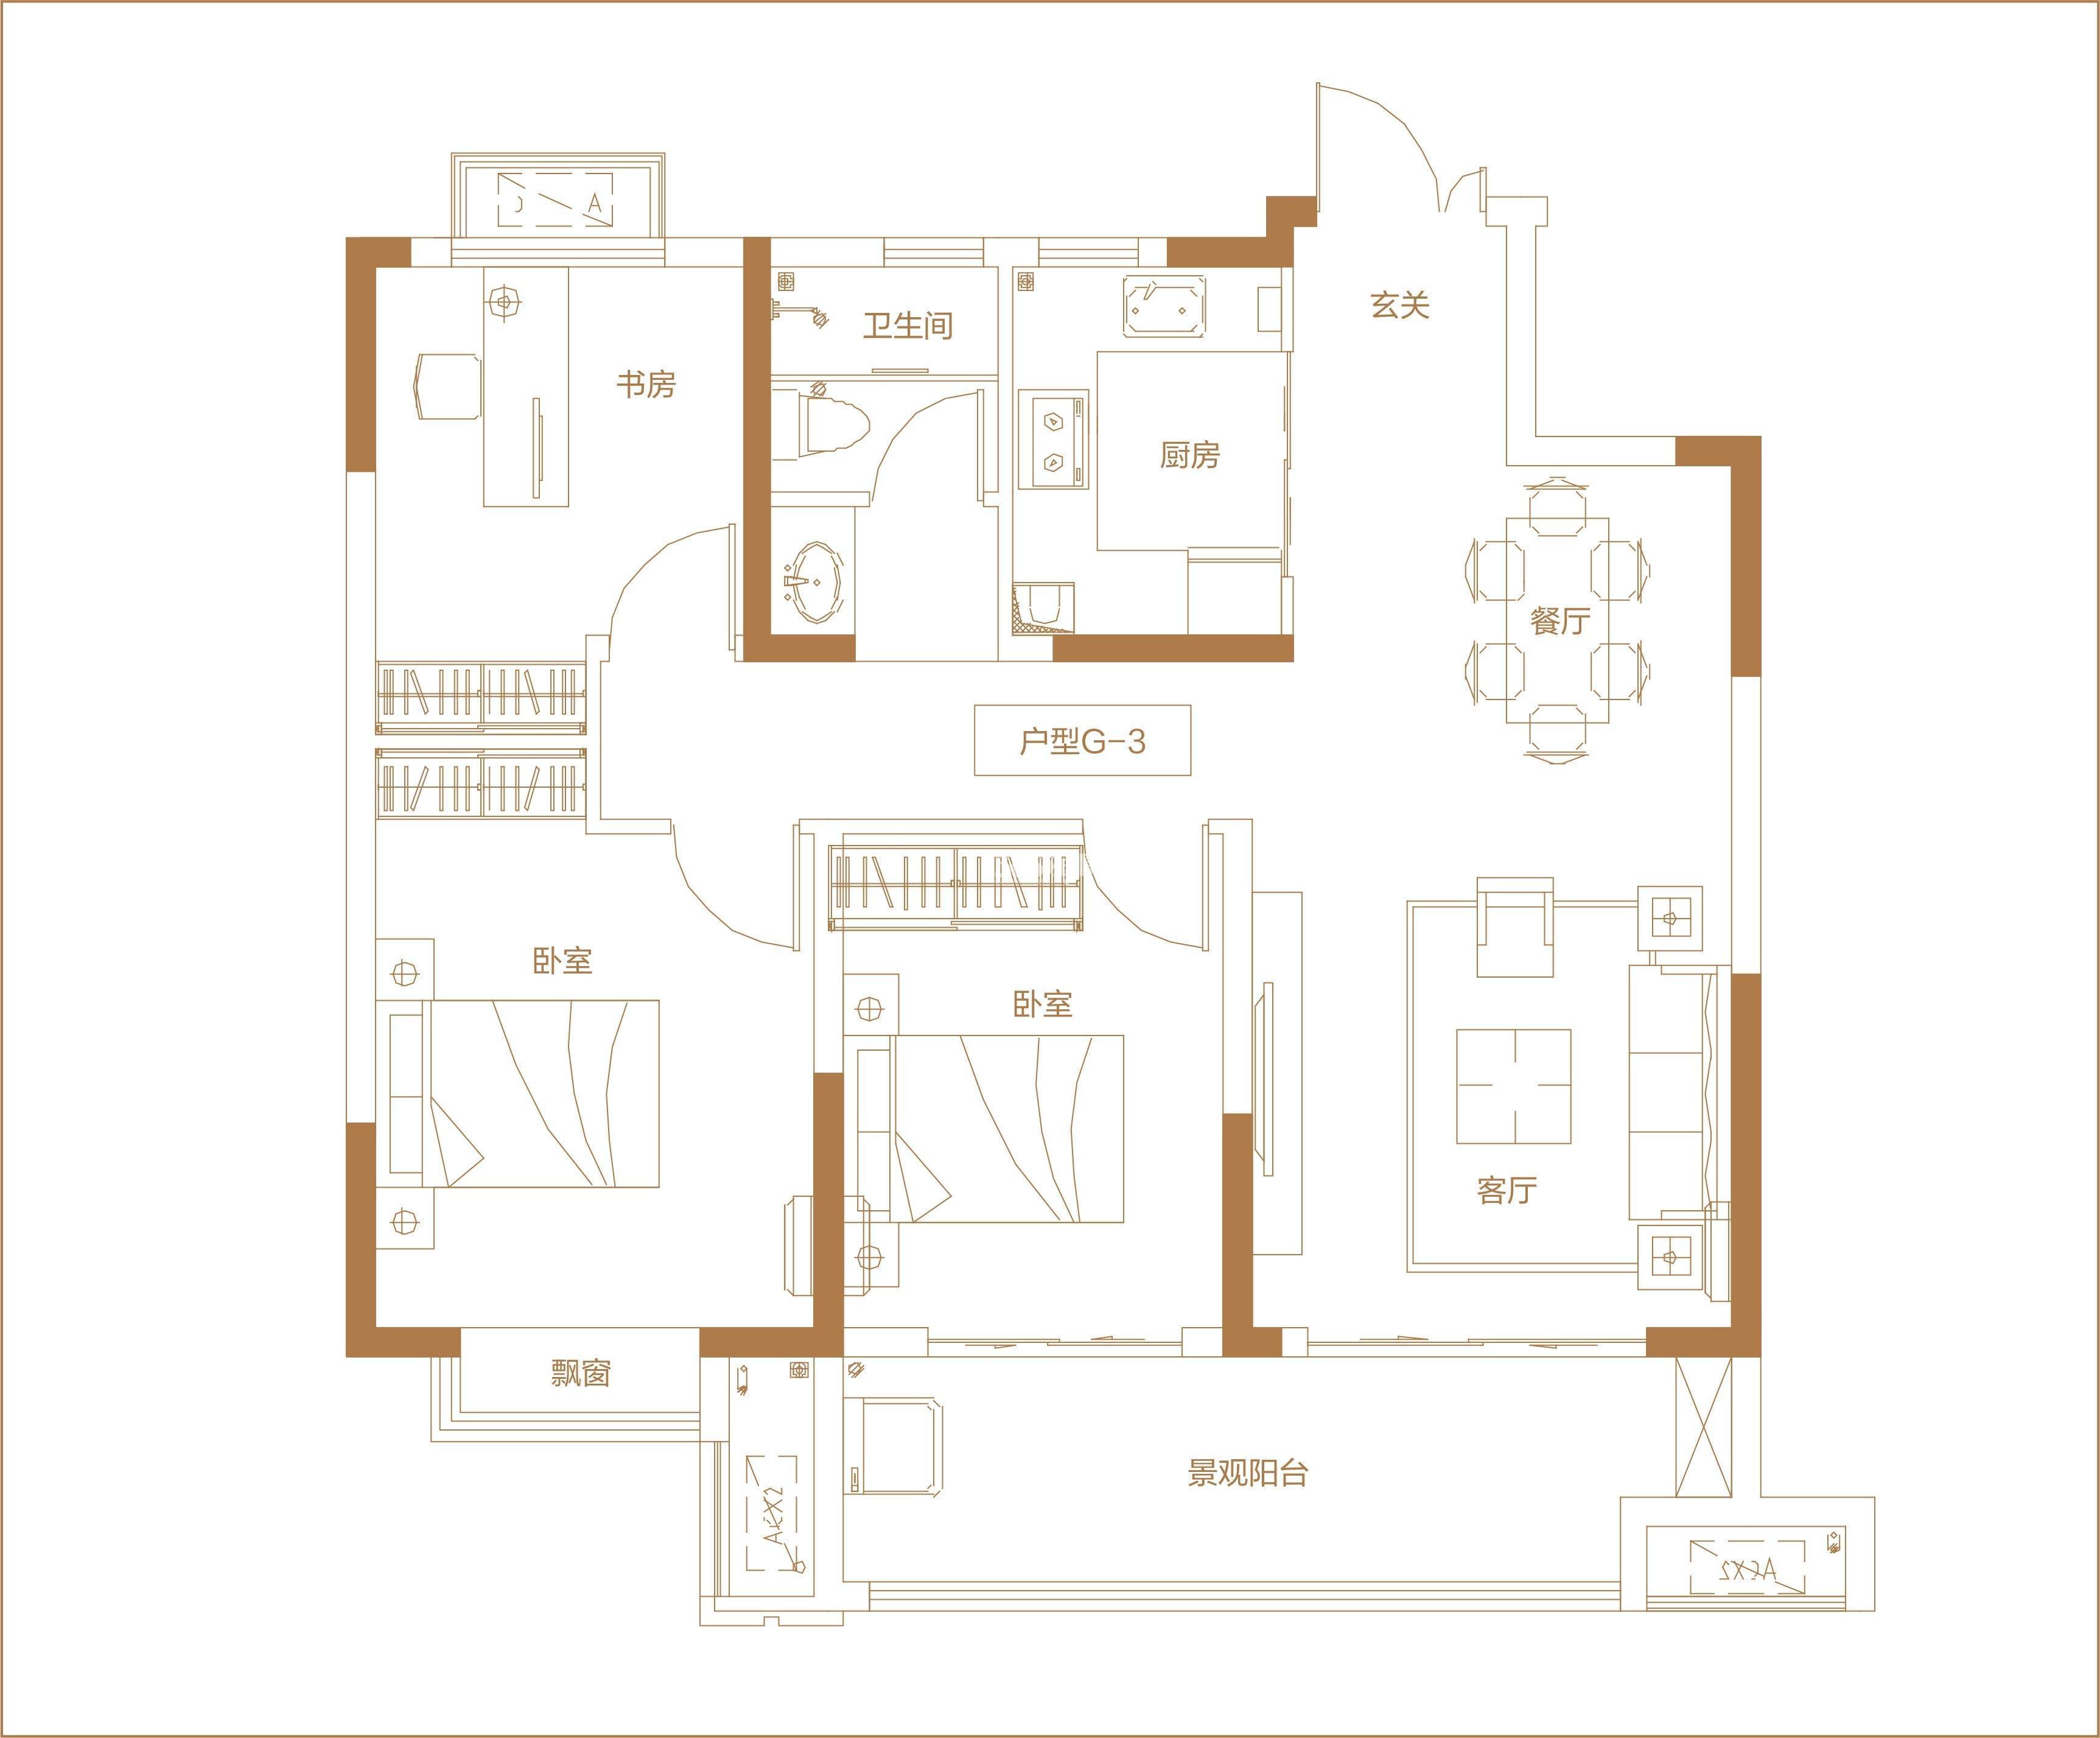 北京城房·春华园 高层G3户型建面约106㎡ 202010